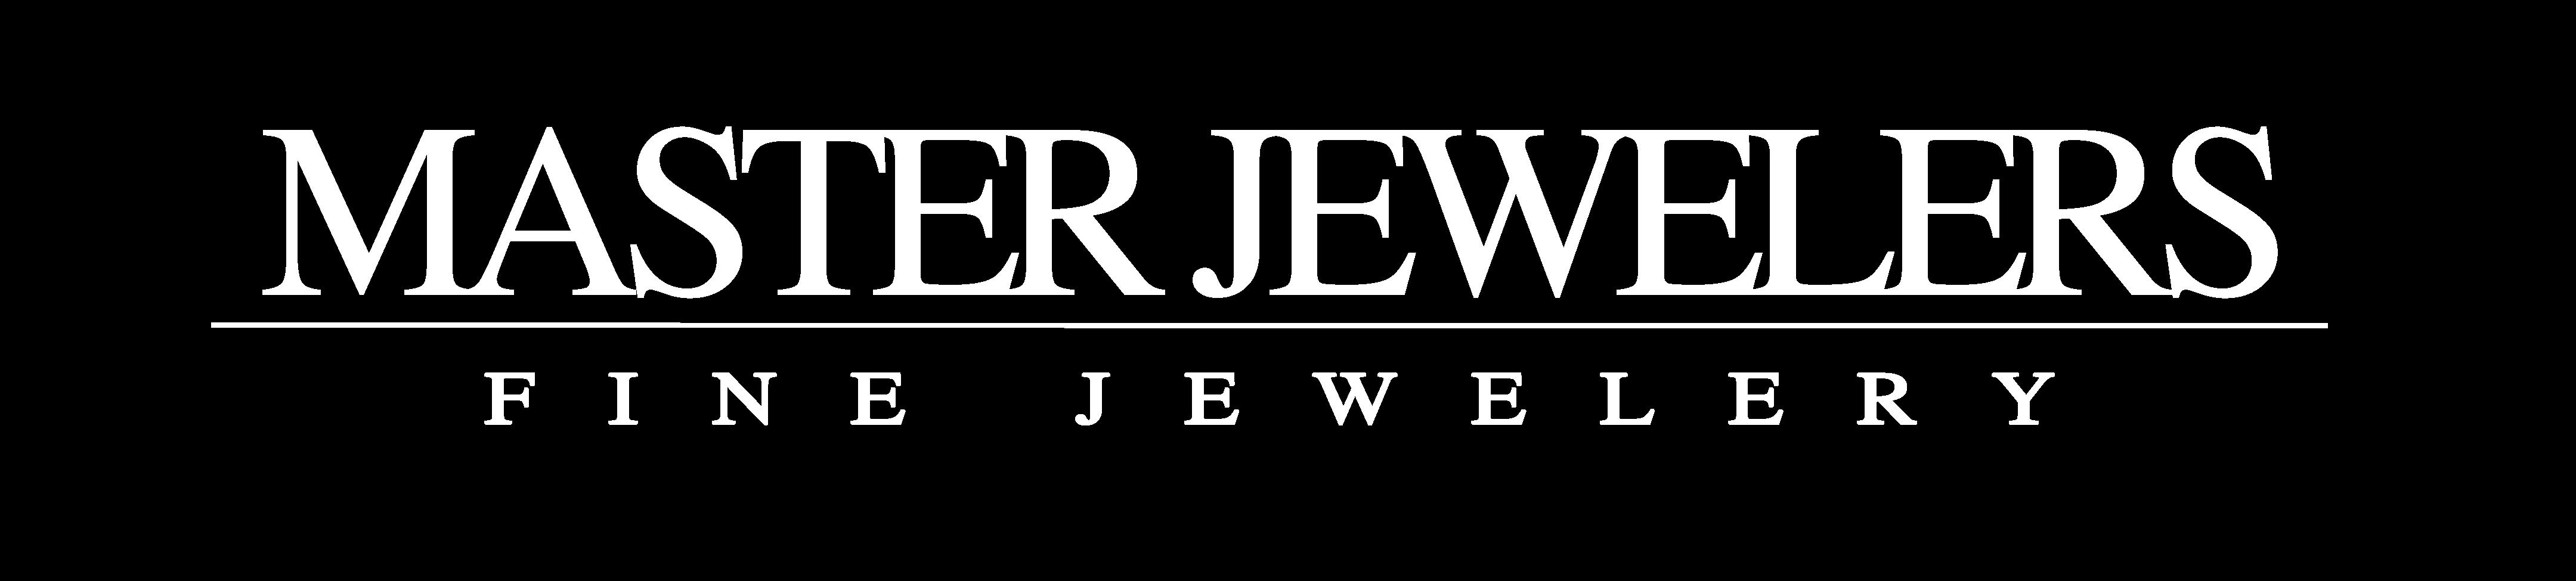 Master Jewelers – Fine Jewelry